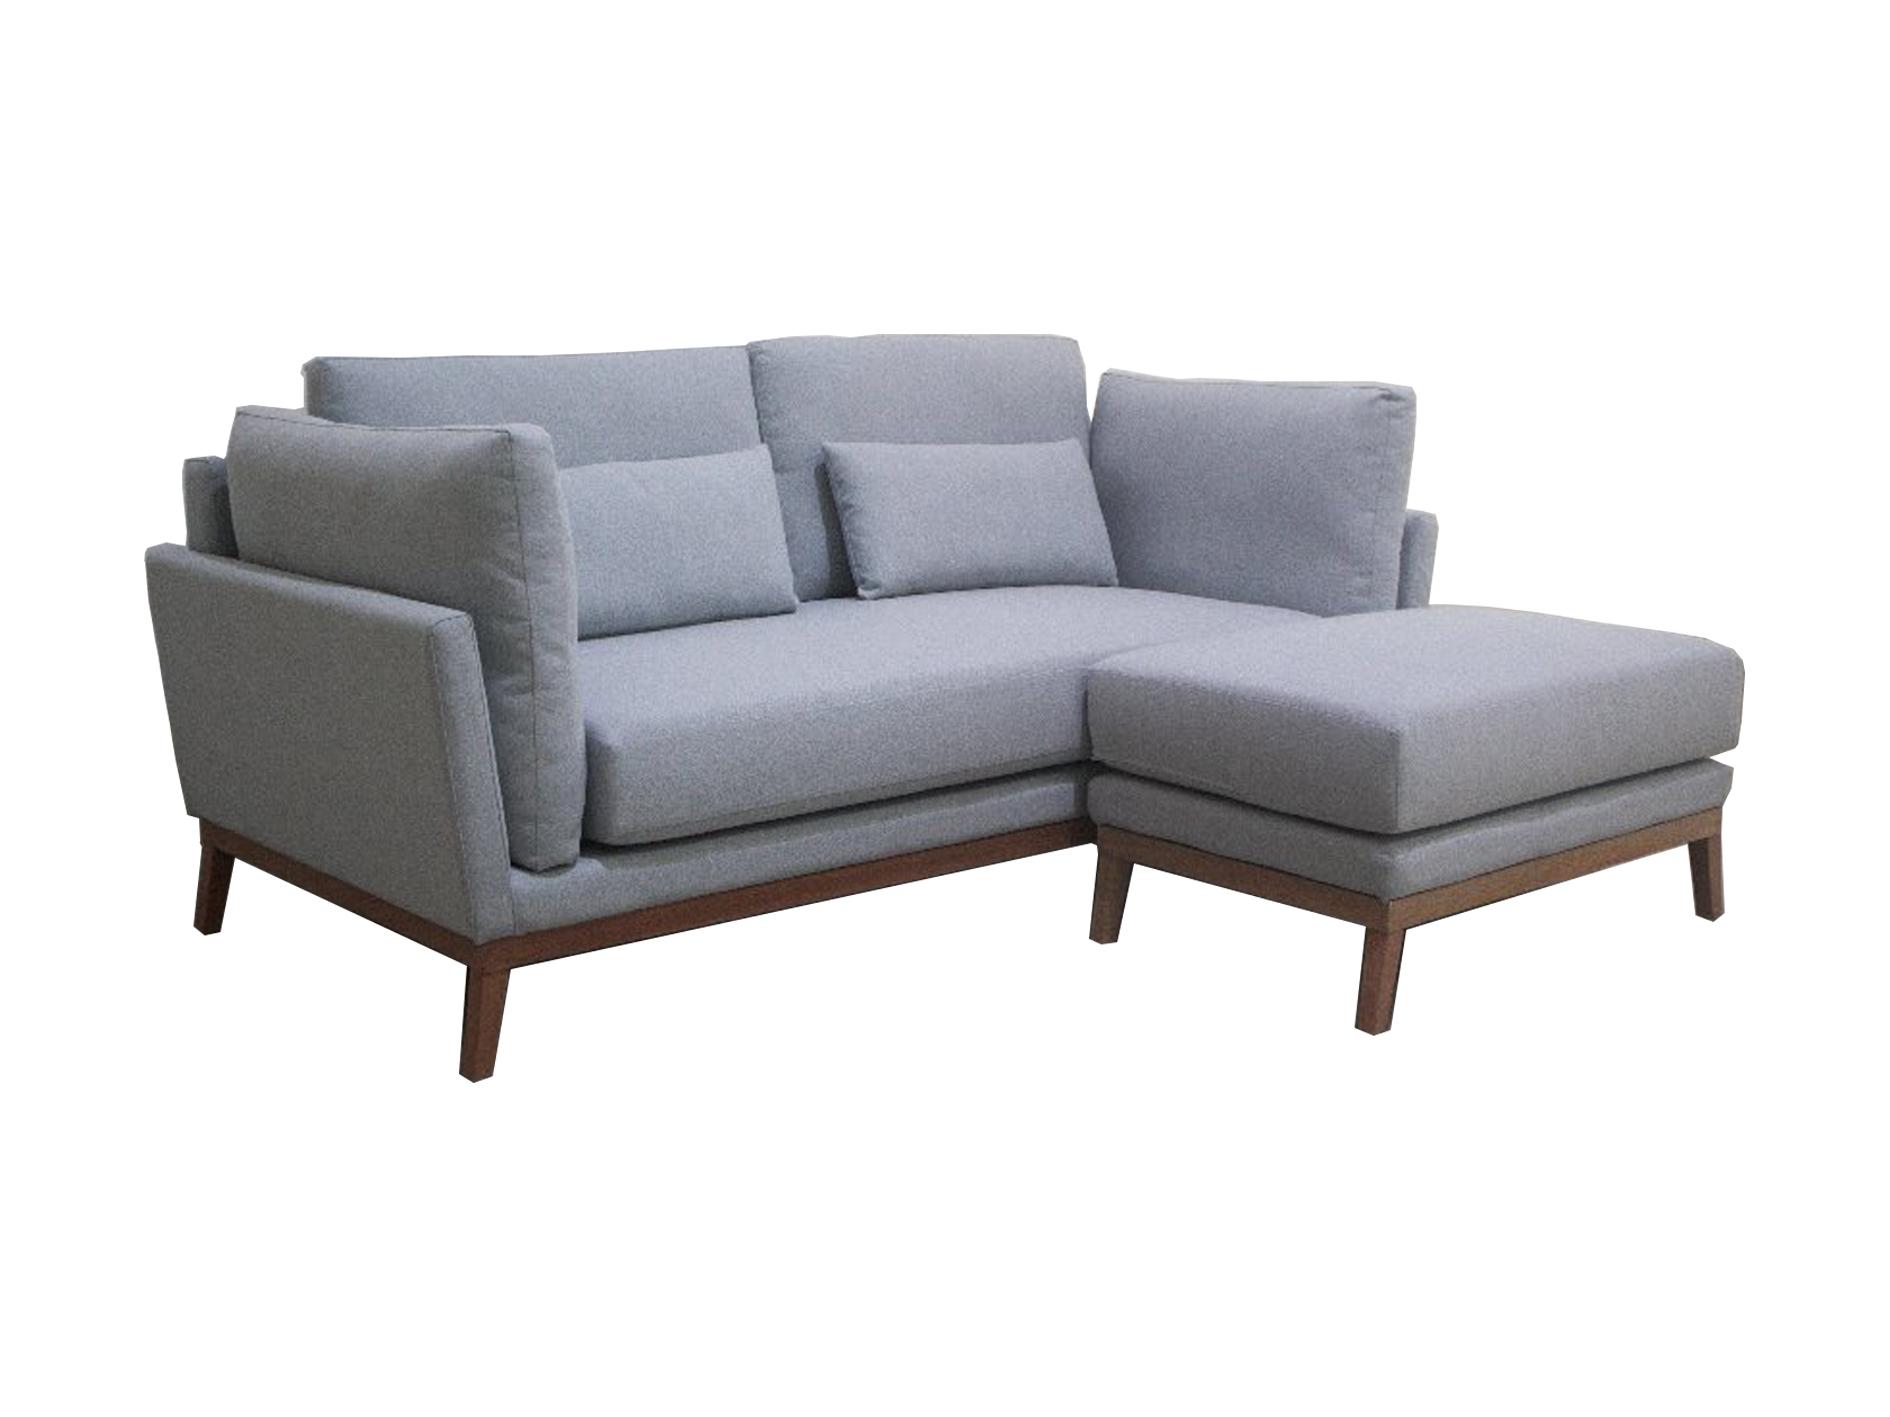 Valerio Designer Italian Fabric Sofa Abitato 3 Seater